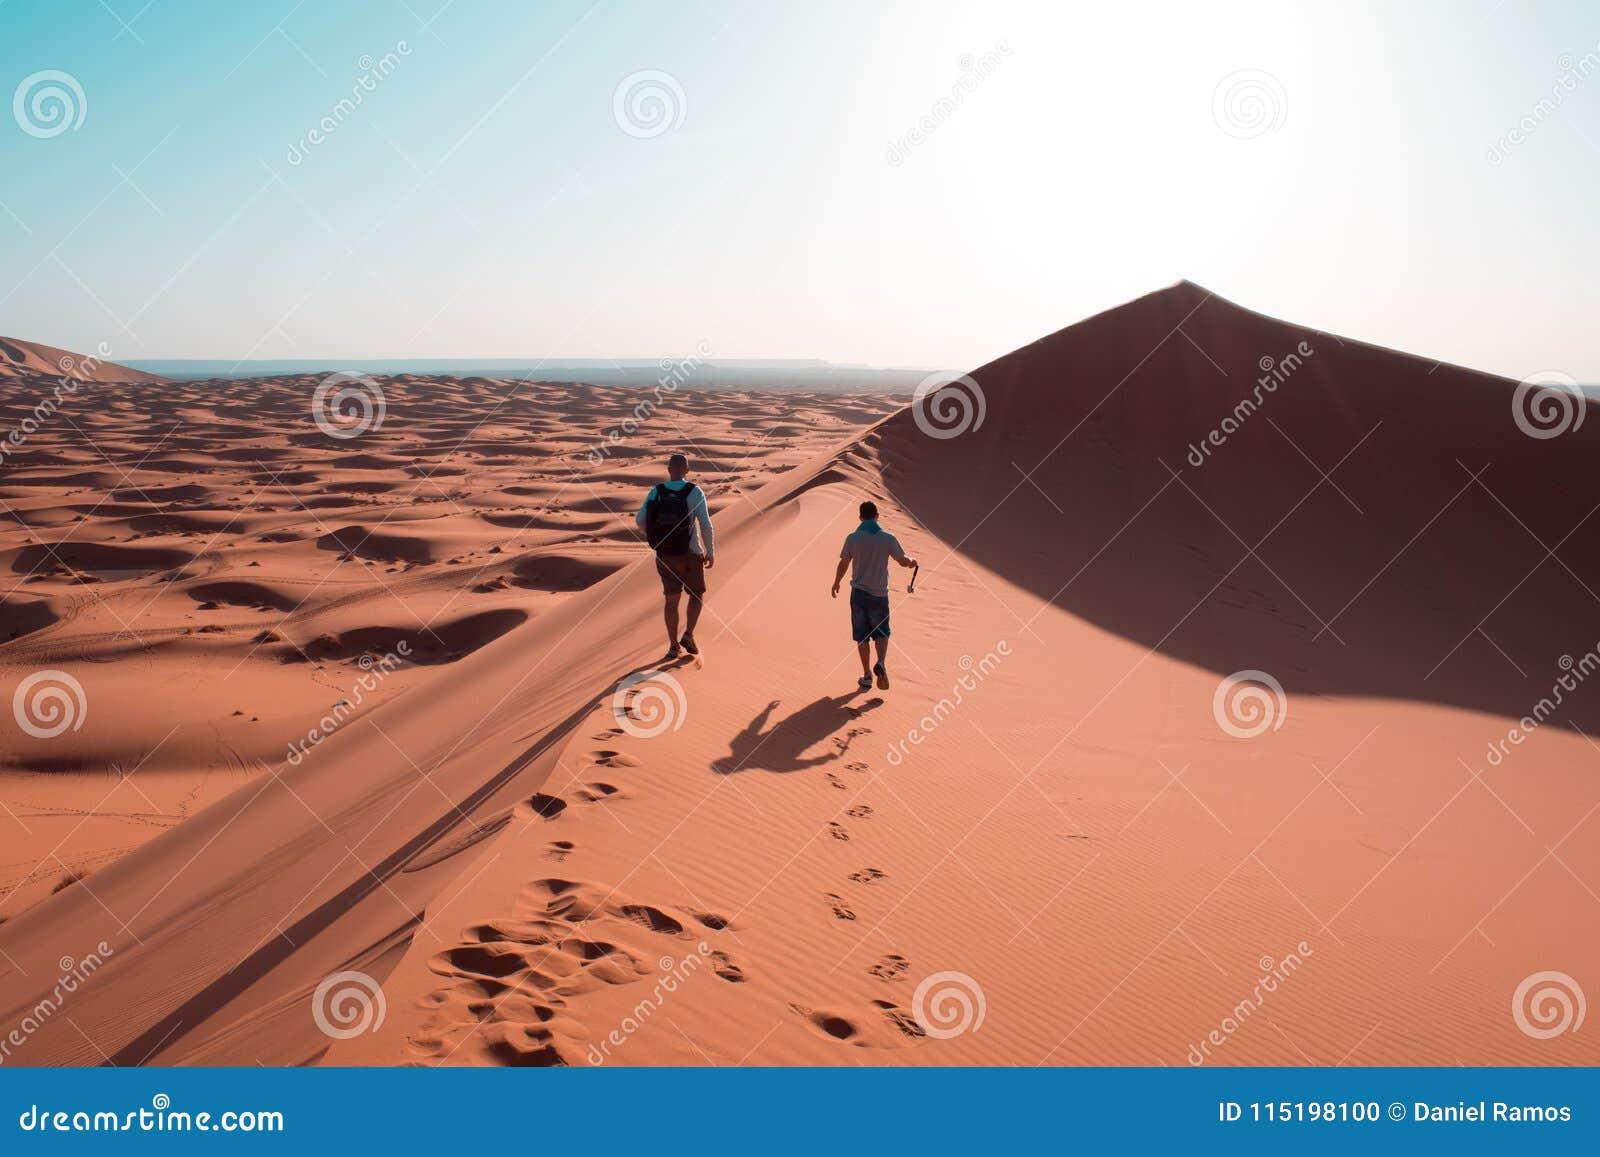 Sur les dunes du désert du Sahara au Maroc